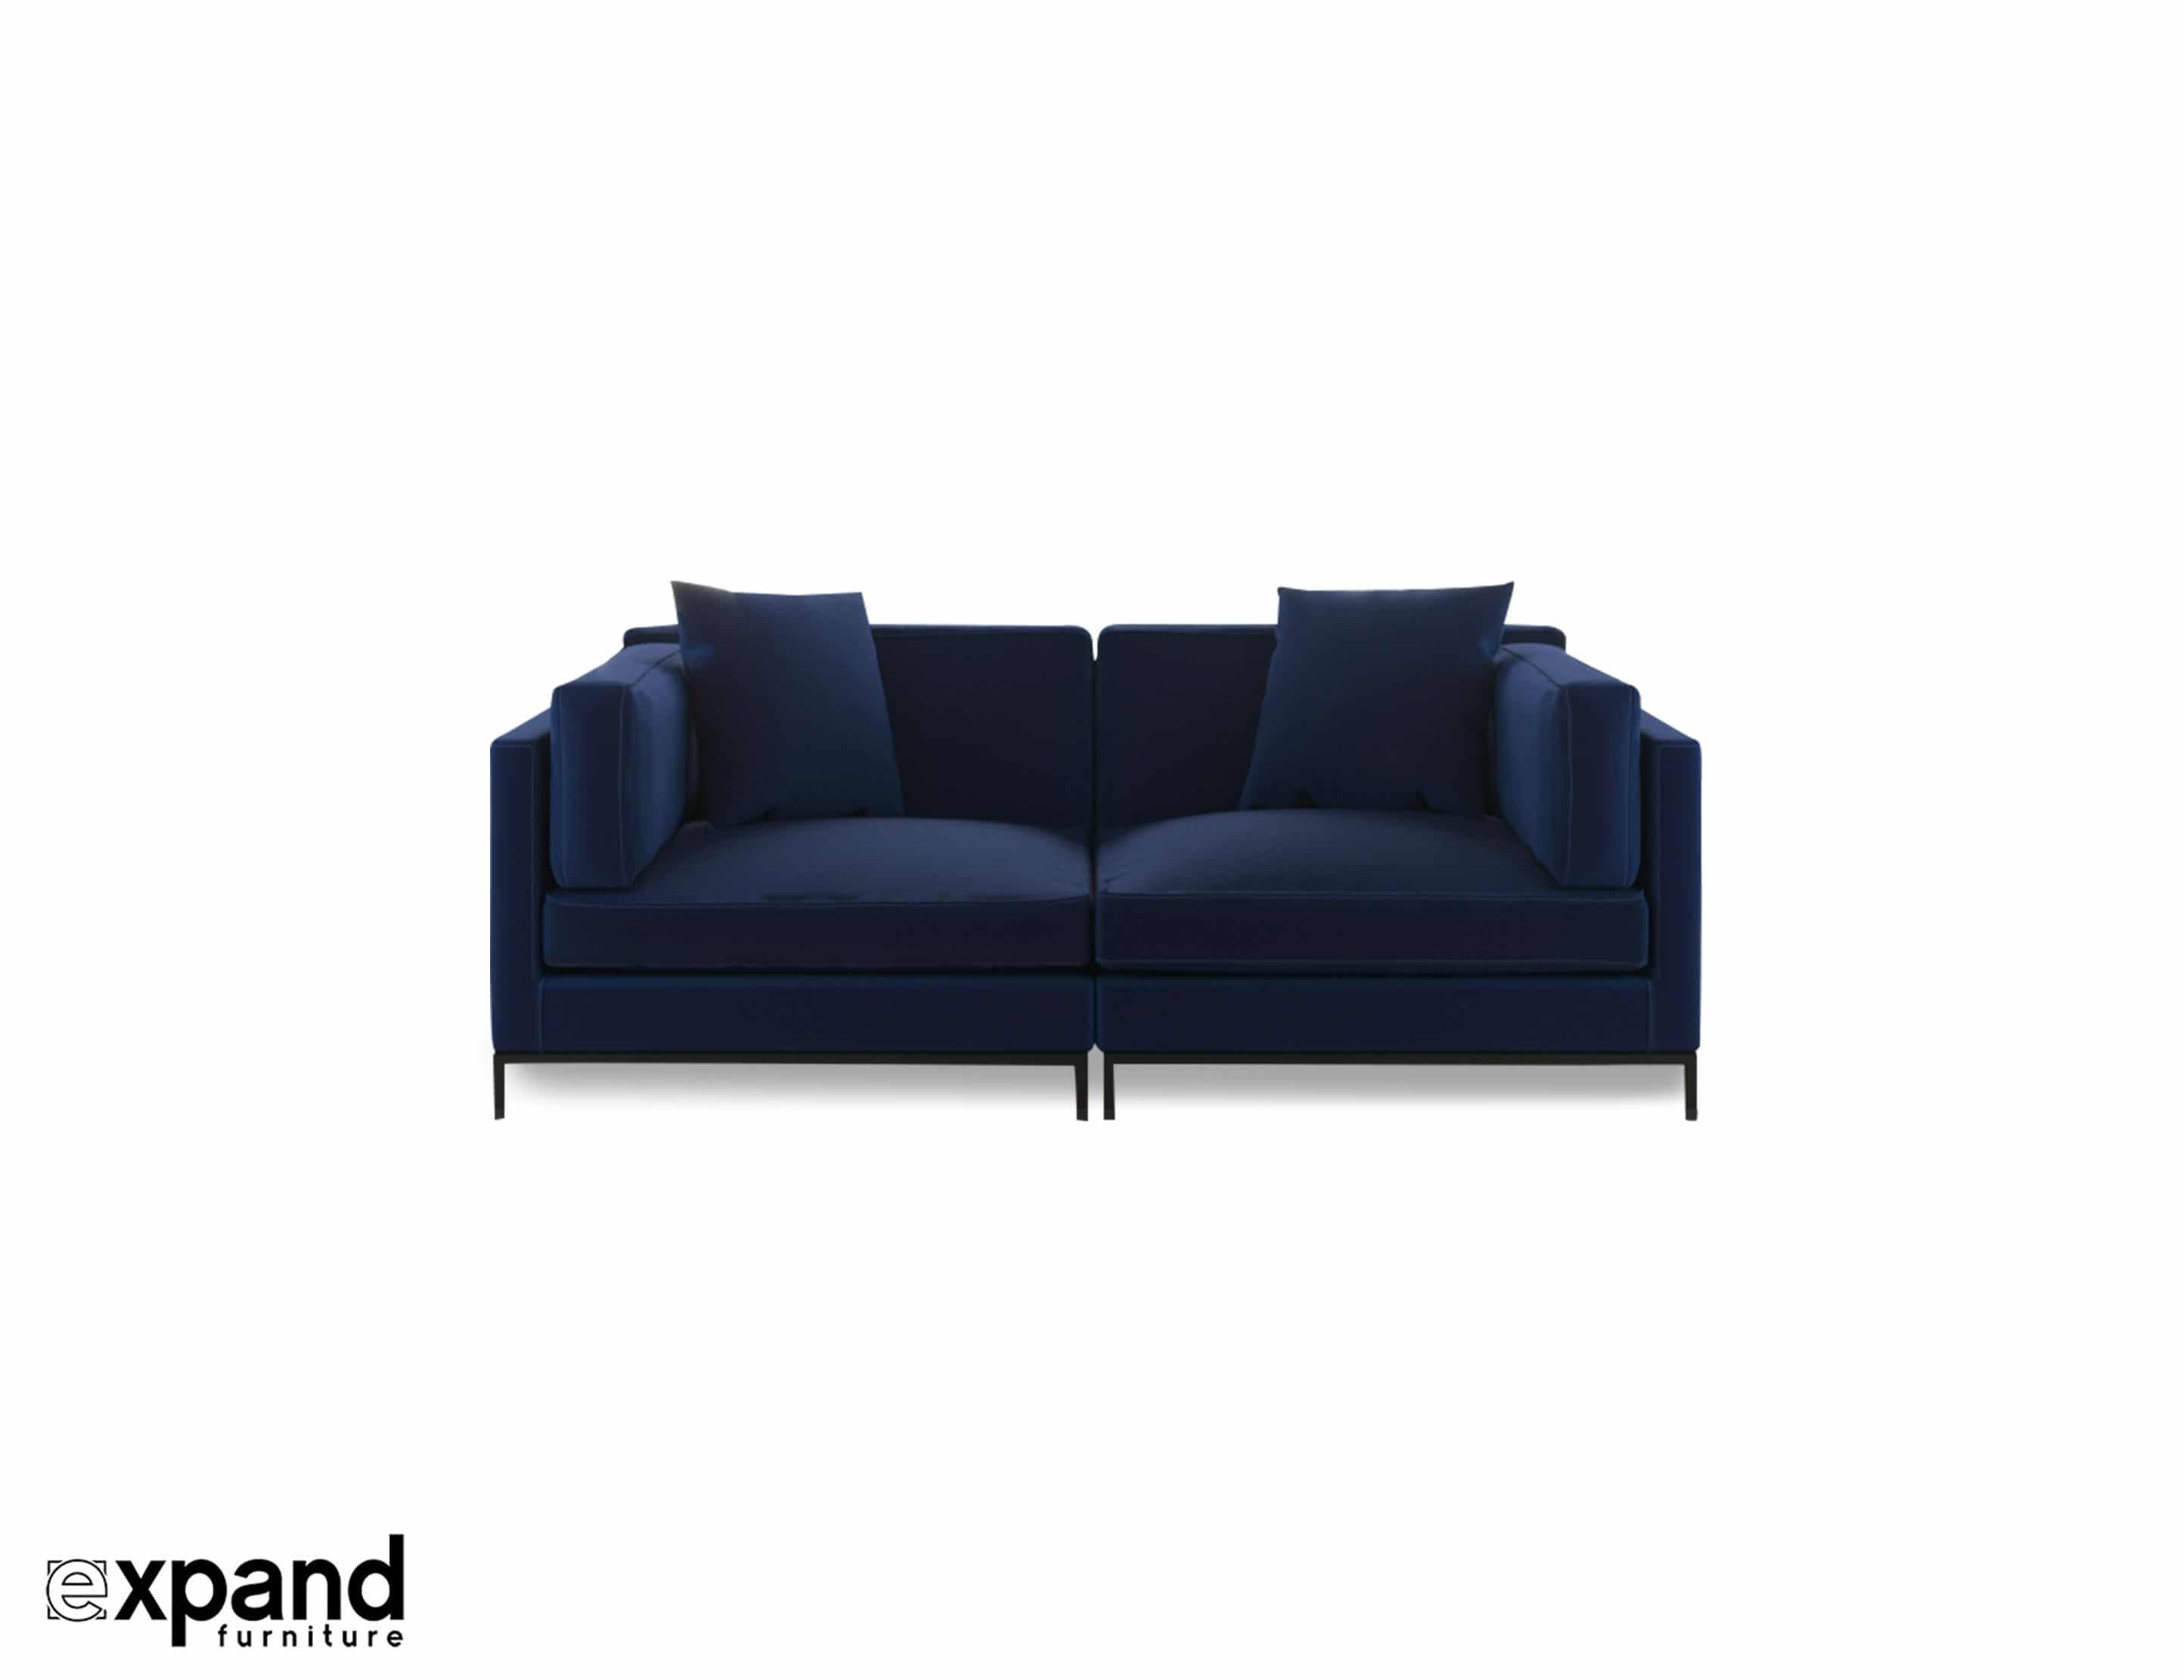 Migliore Modern Love Seat Sofa Expand Furniture